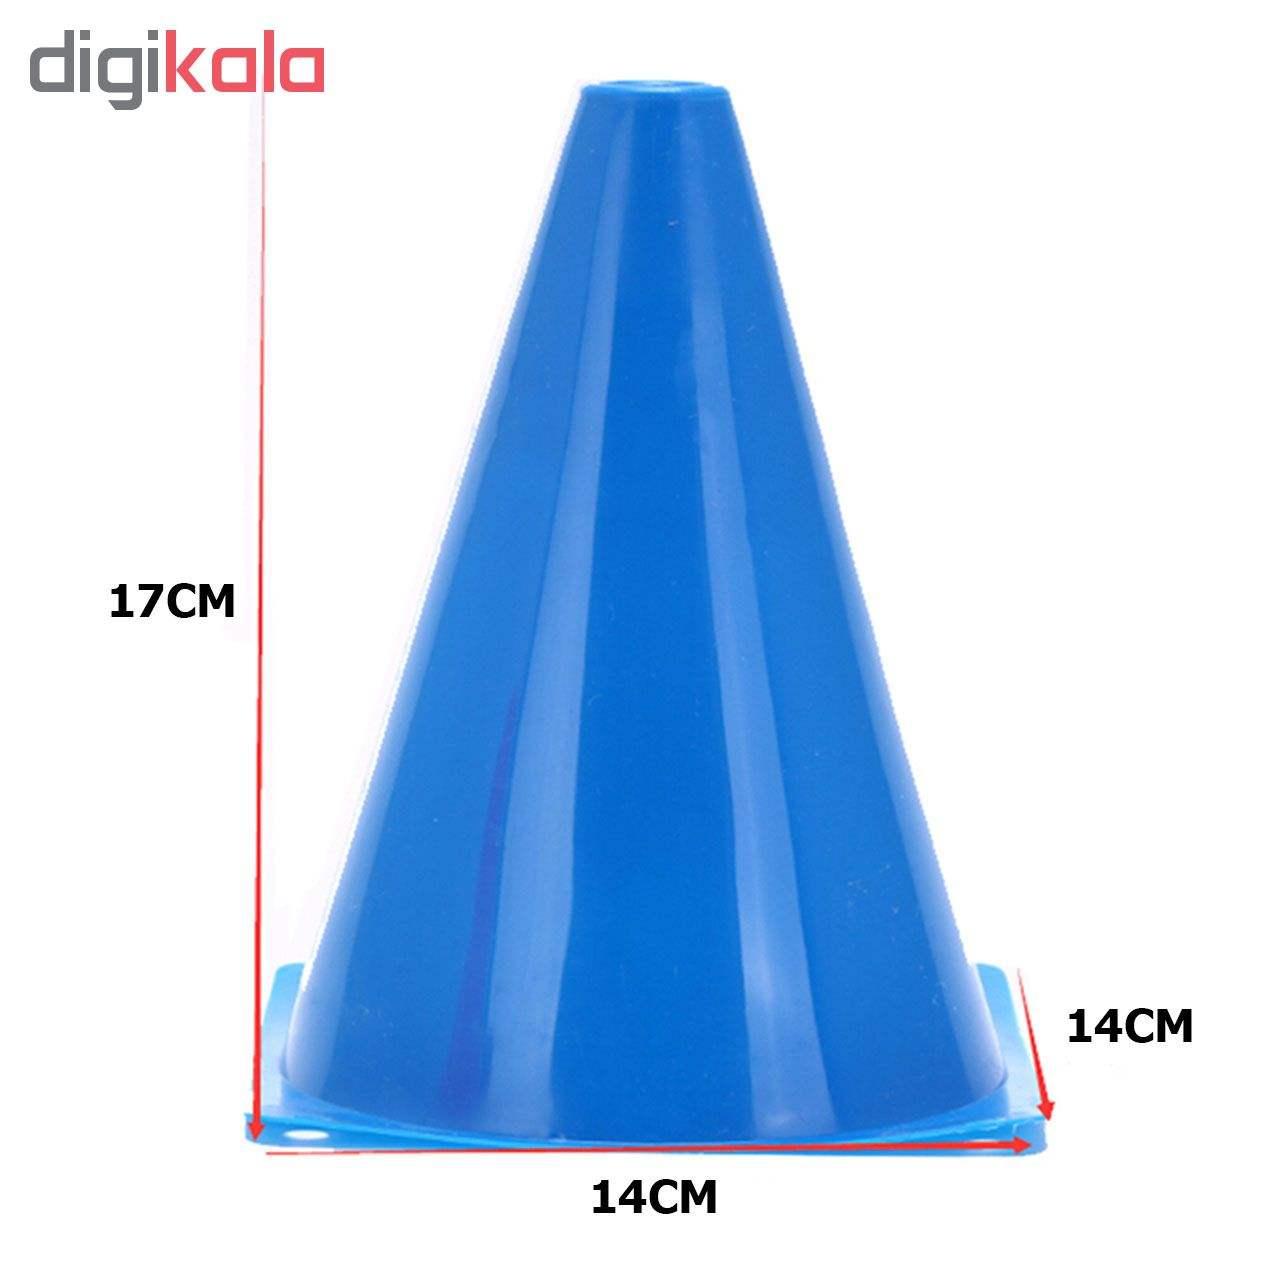 مانع تمرین مدل Training Cones 2020 در 5 رنگ مجموعه 15 عددی به همراه پاوربالانس main 1 2